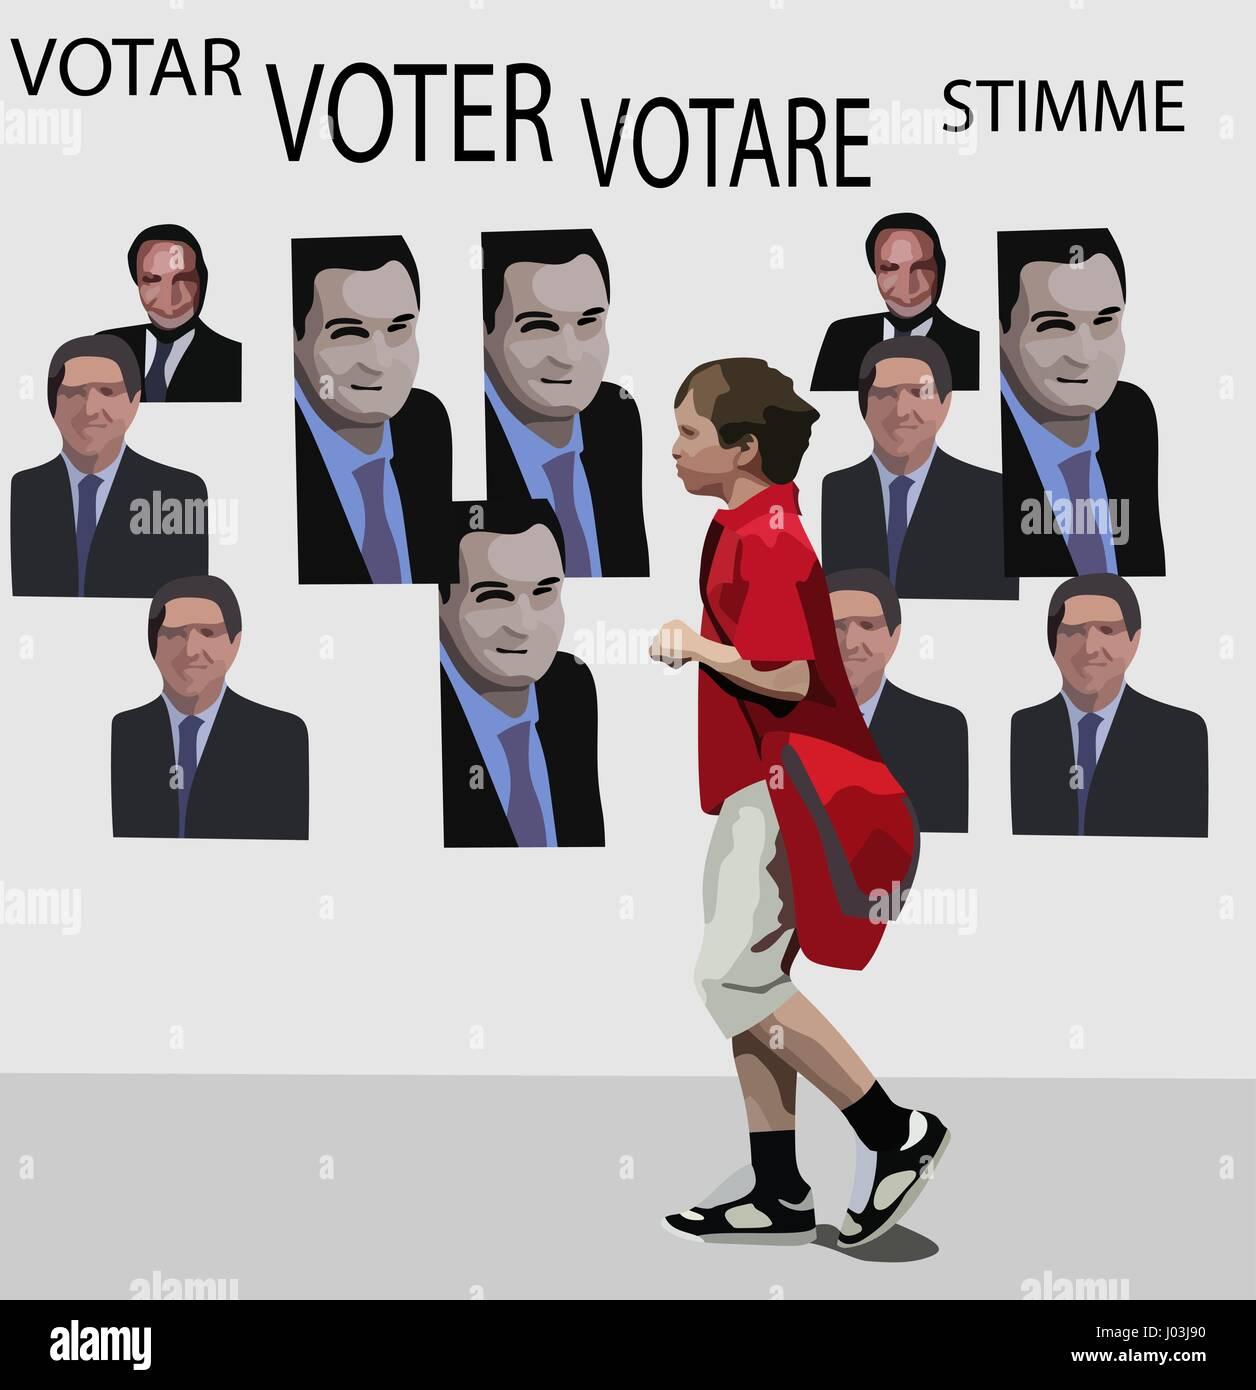 Concepto vectorial de votantes jóvenes y política. No personas reales. Imagen De Stock